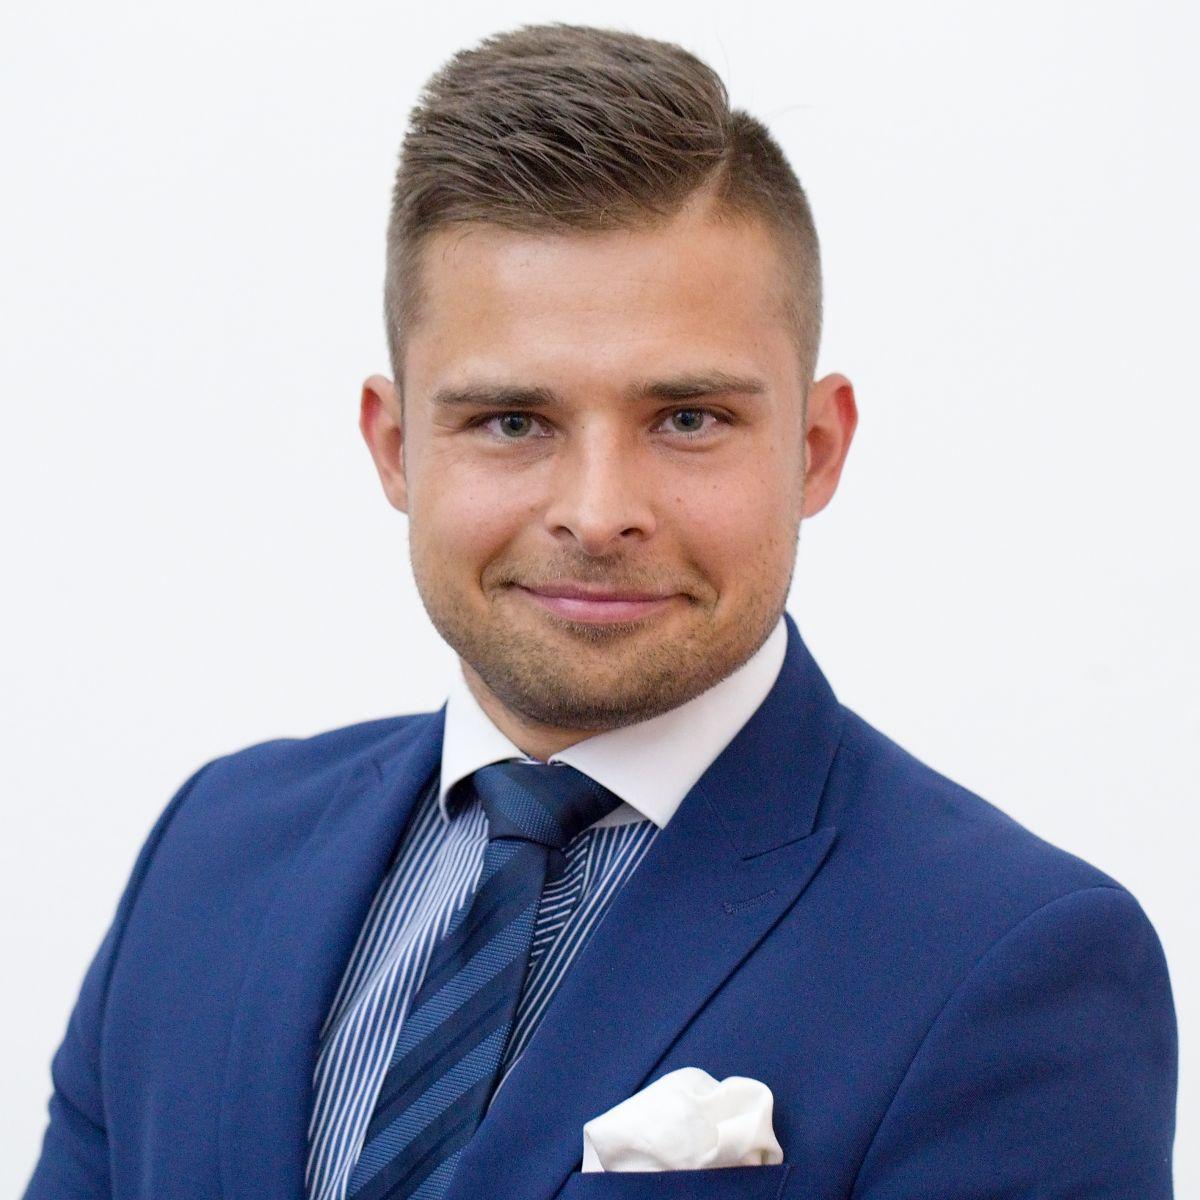 Mgr. Michael Škurka - advokát partner